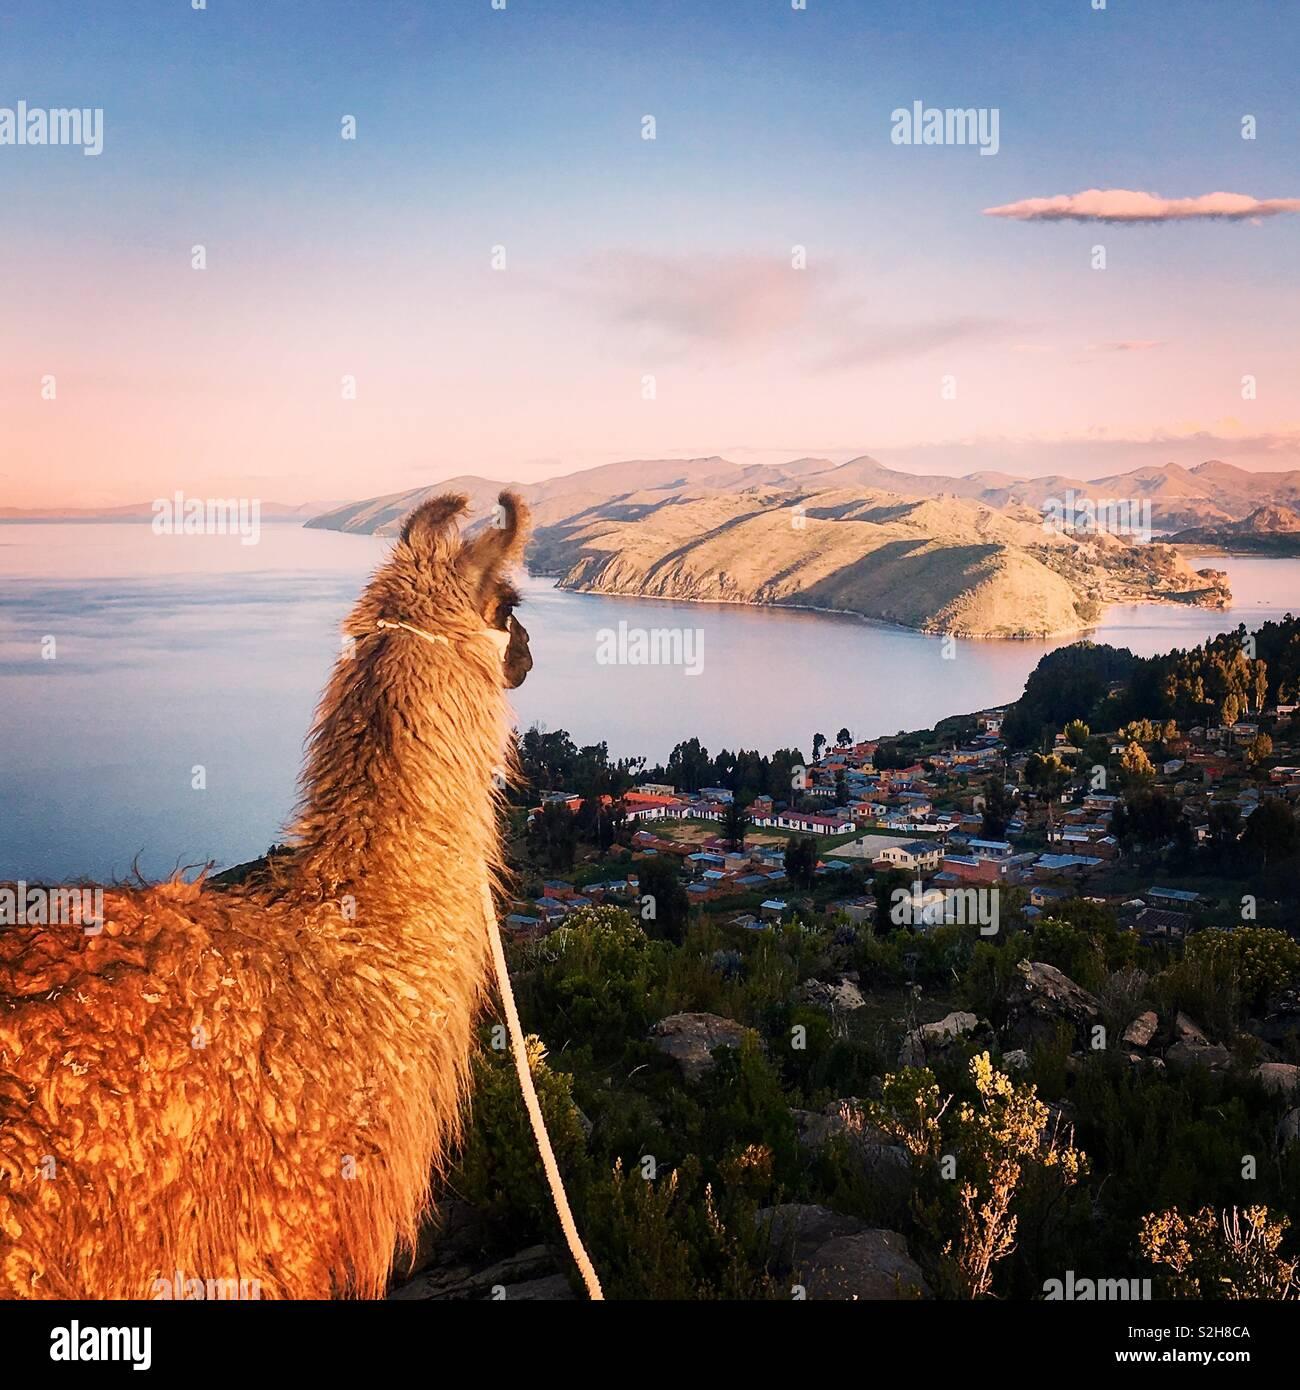 Llama a la Isla del Sol, con vistas al lago Titicaca, Bolivia Imagen De Stock